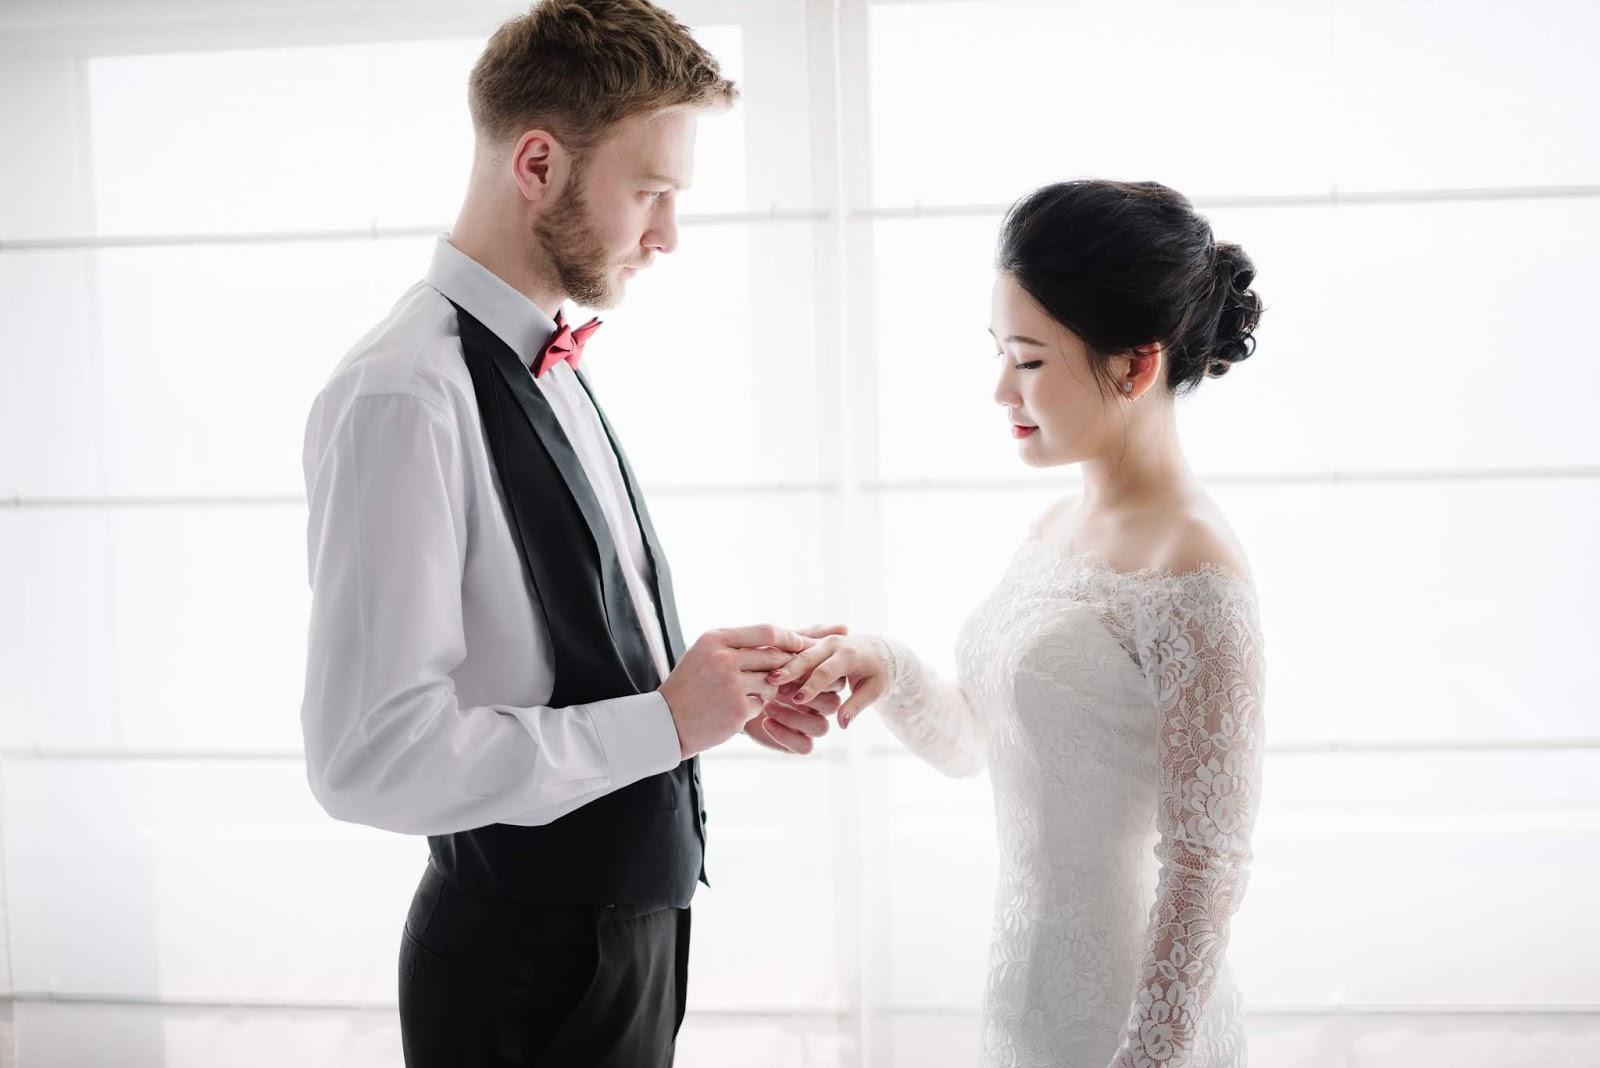 台灣婚禮, 歸寧, 君悅酒店, 派大楊, 紀實攝影, 美式婚禮, 婚拍, 婚攝推薦, engagement, PTT, hyatt, Wedding,